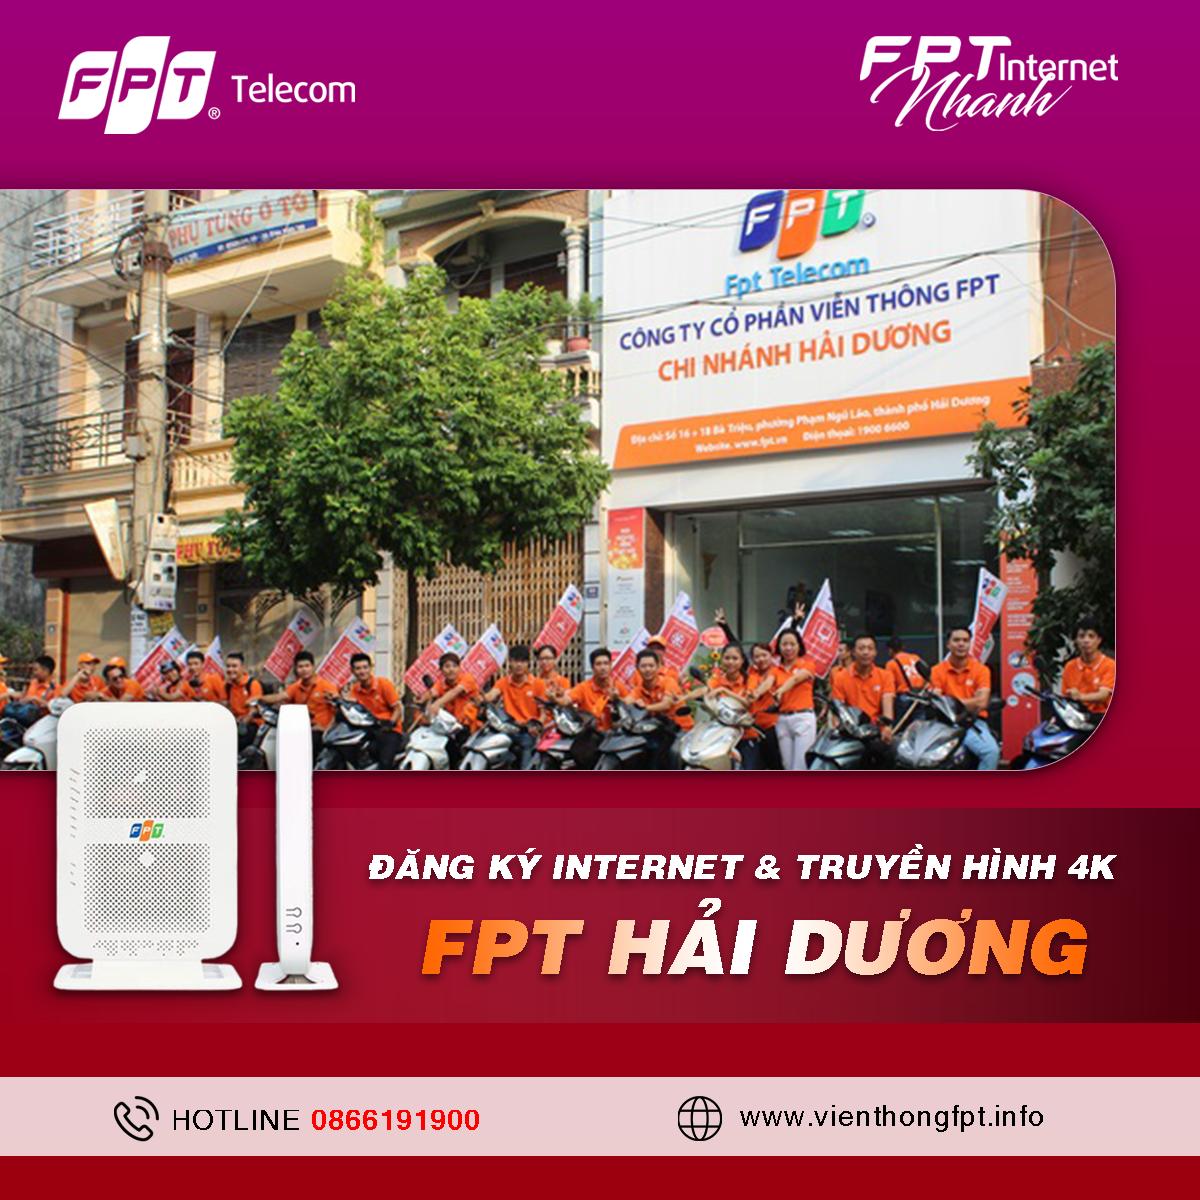 Đăng ký Internet FPT Hải Dương - Miễn phí lắp đặt - Trang bị Modem Wifi